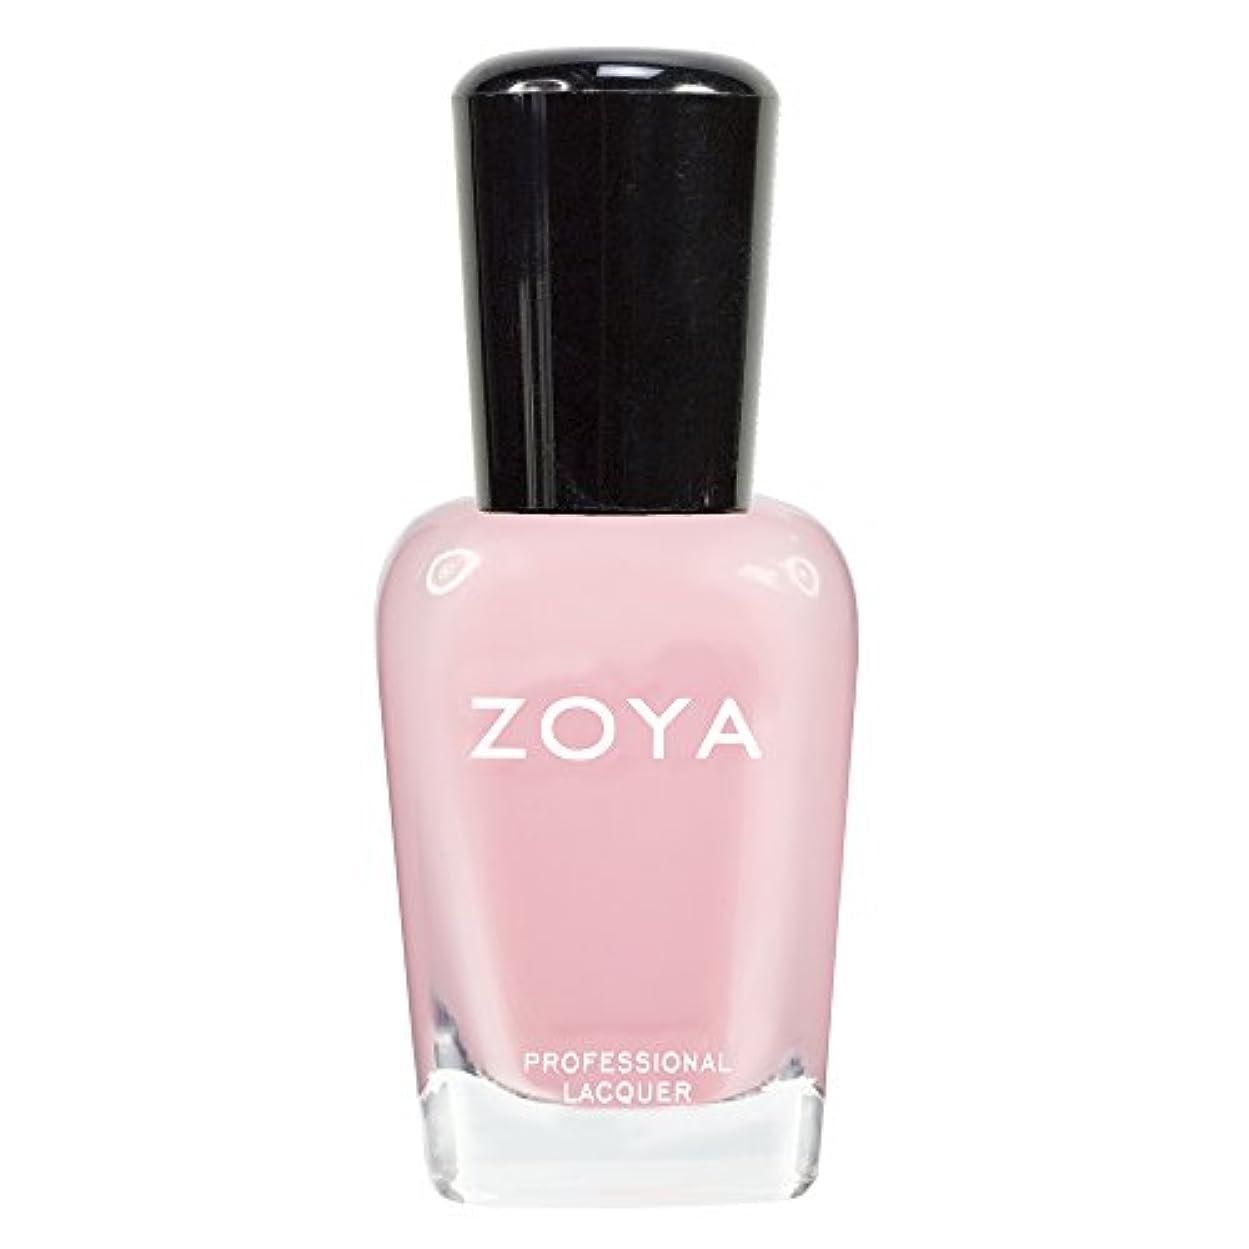 エンジニアリング便利さホラーZOYA ゾーヤ ネイルカラーZP433 LAURIE ローリー 15ml 可愛く色づく桜の花ようなピンク シアー/クリーム 爪にやさしいネイルラッカーマニキュア